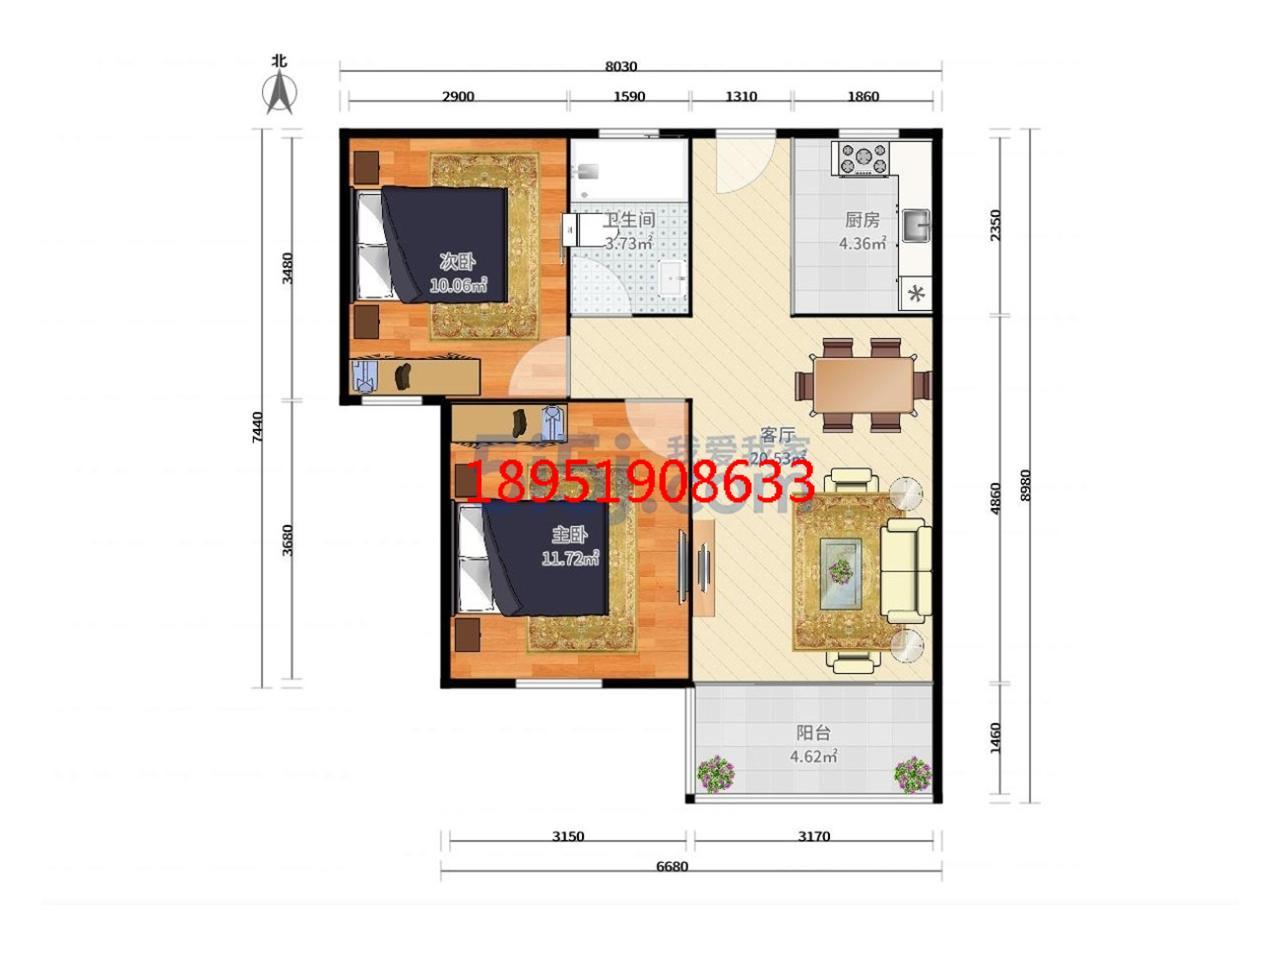 江宁区将军大道托乐嘉贵邻居2室1厅户型图